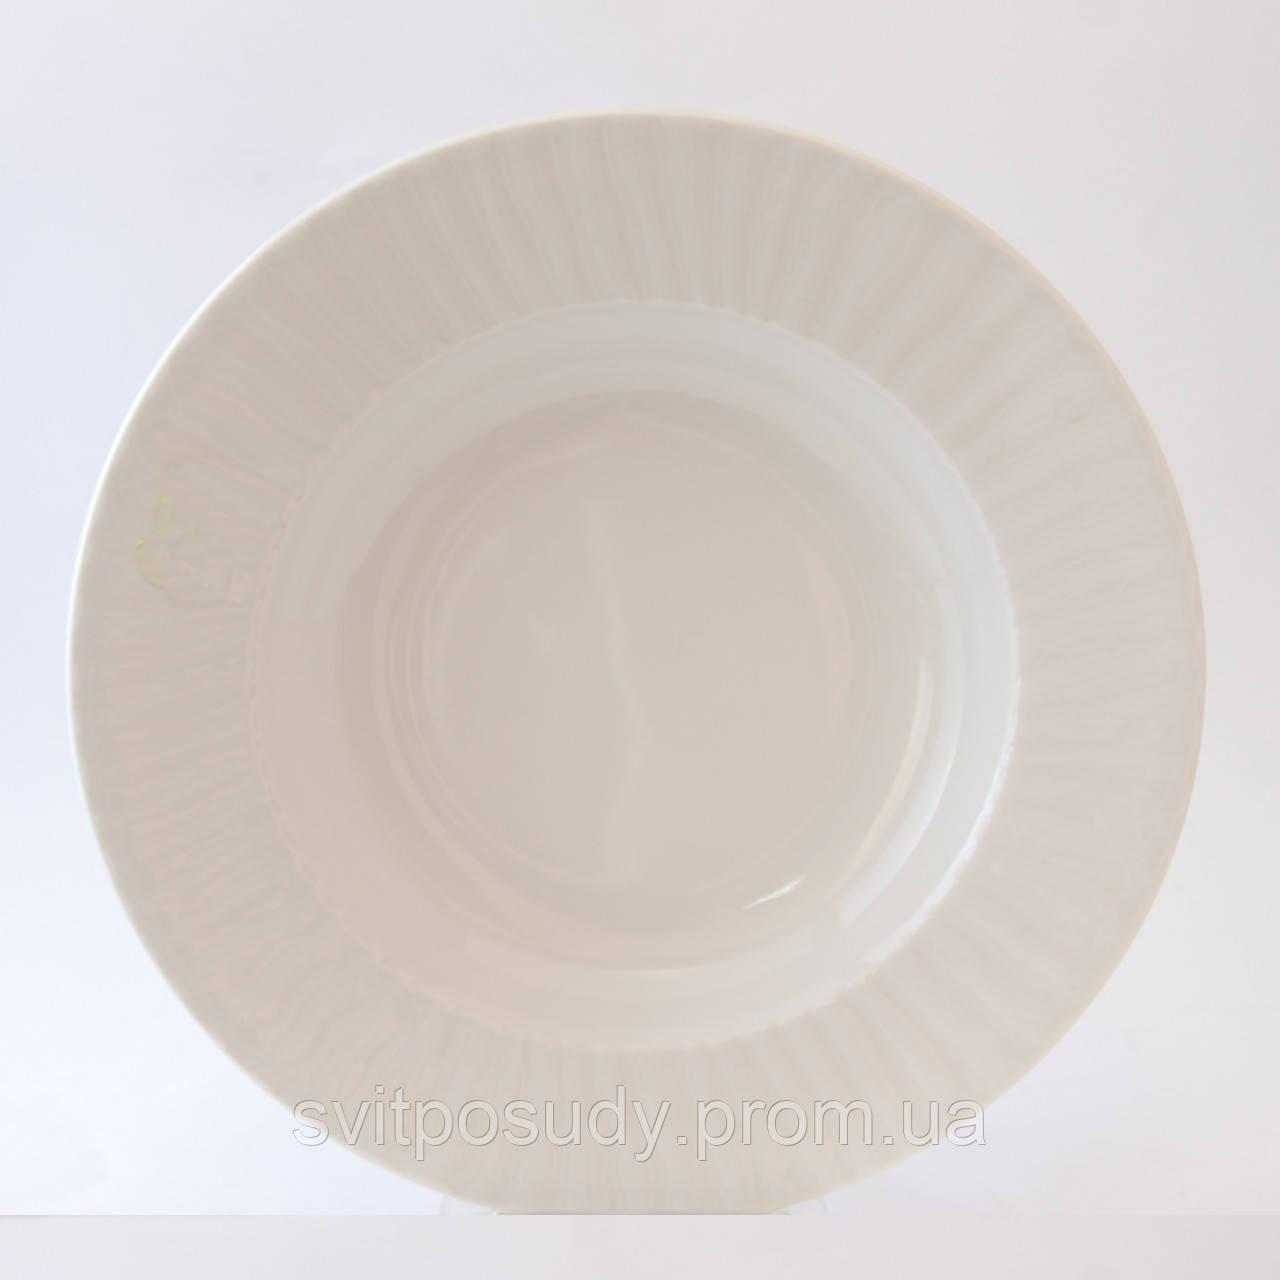 Тарелка глубокая 225 мм, Lubiana, фасон NESTOR